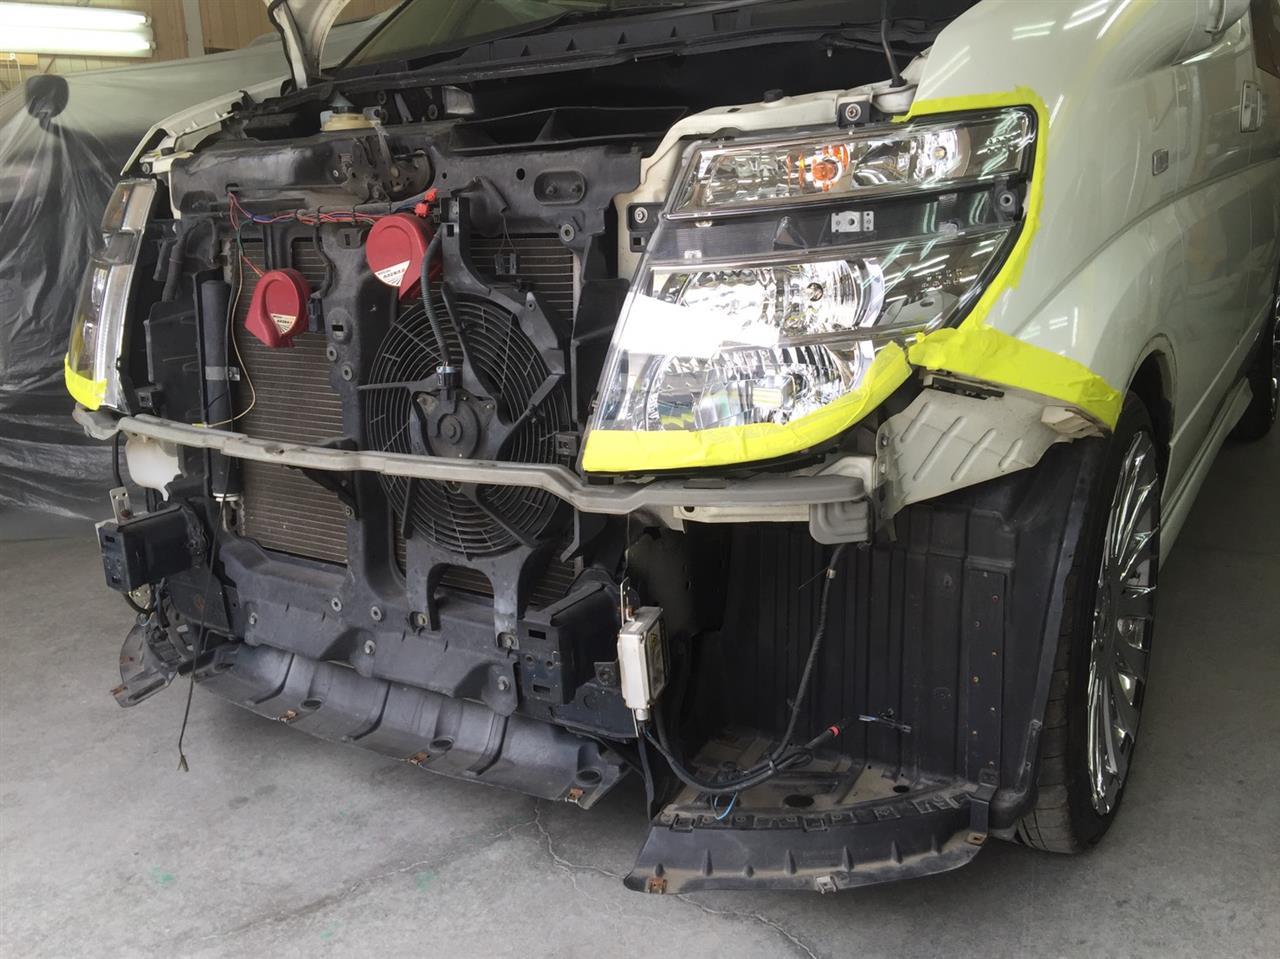 立川市の車の板金塗装修理工場 ガレージローライドの日産 エルグランドのエアロパーツ塗装・取り付け等です。